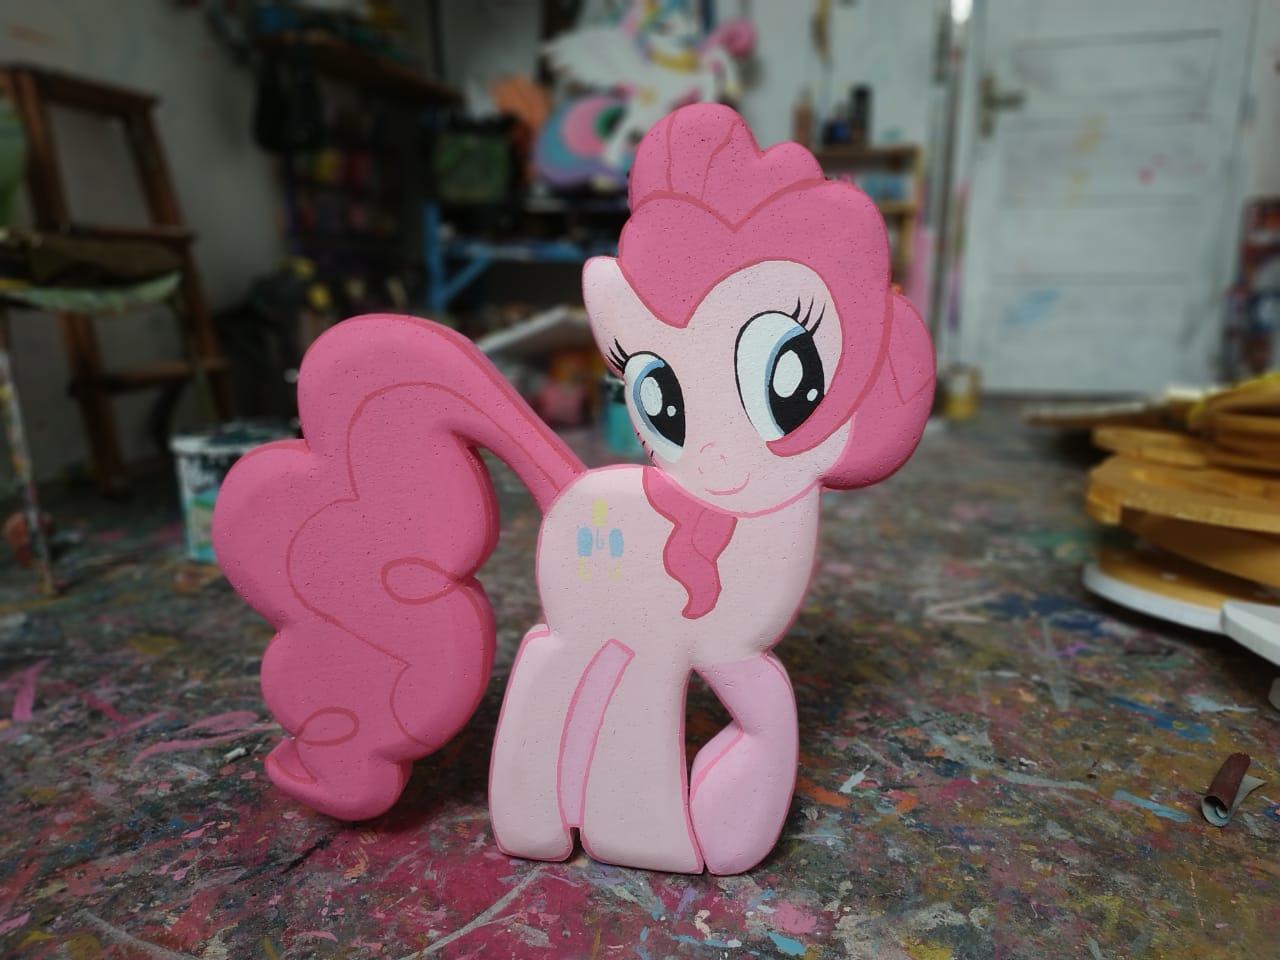 dekorasi little pony dari Styrofoam untuk acara ulang tahun anak